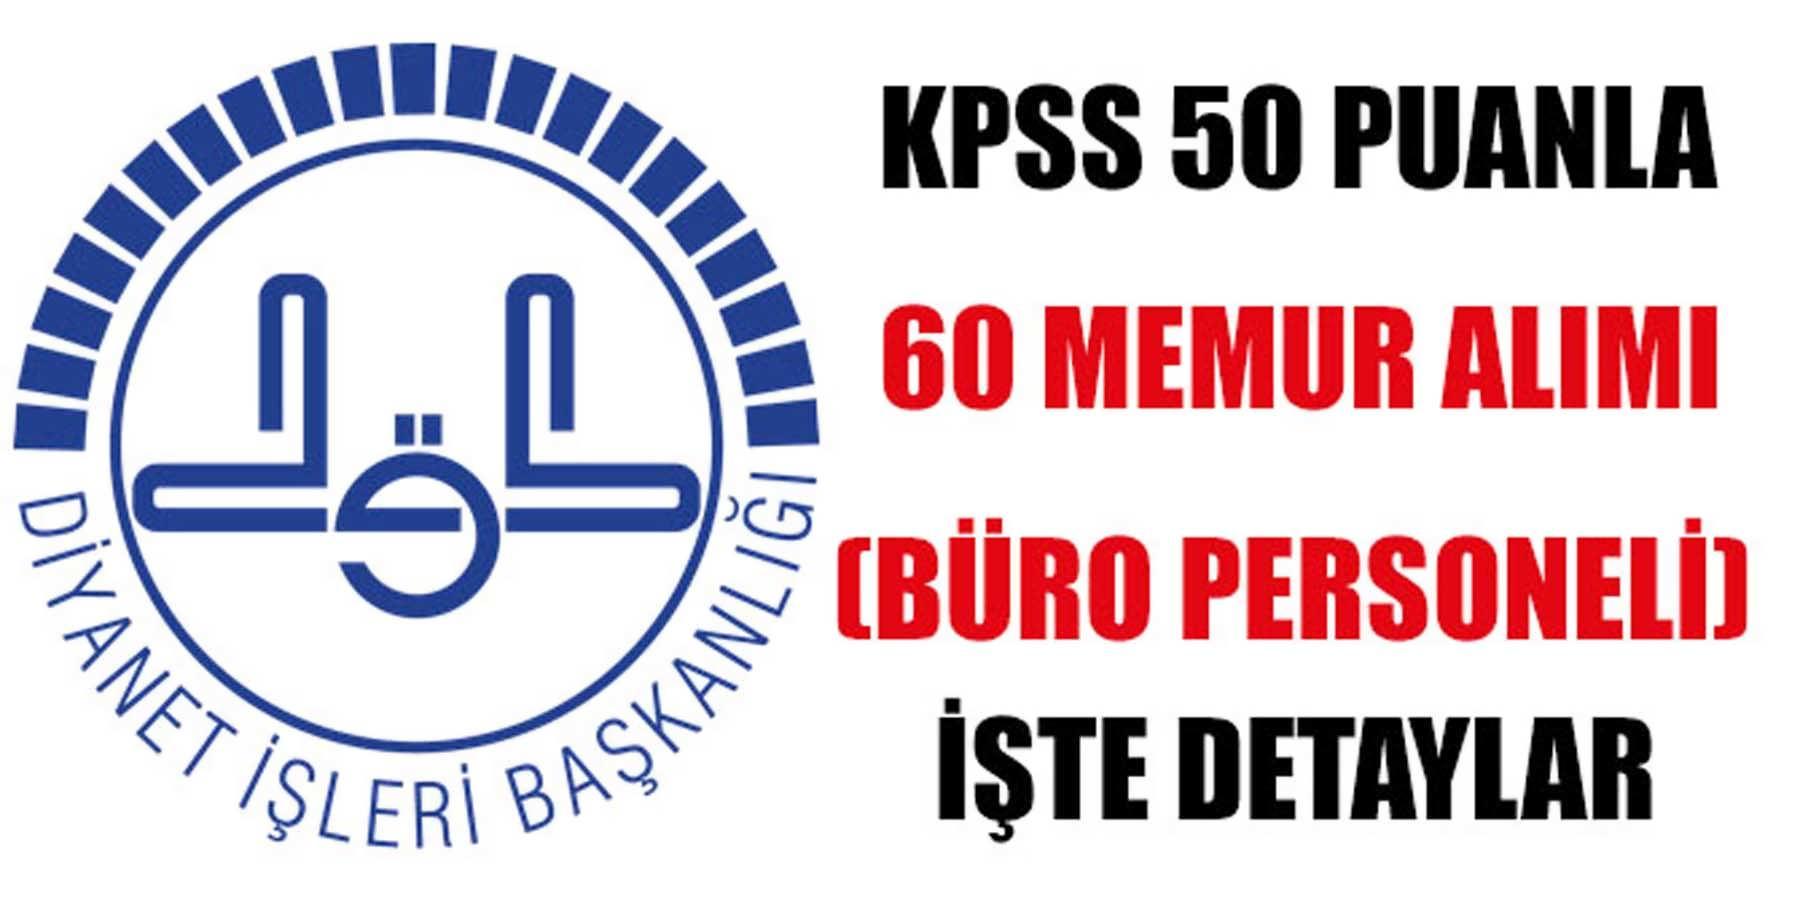 Diyanet KPSS 50 Puanla 60 Memur Alımı (Büro Personeli)